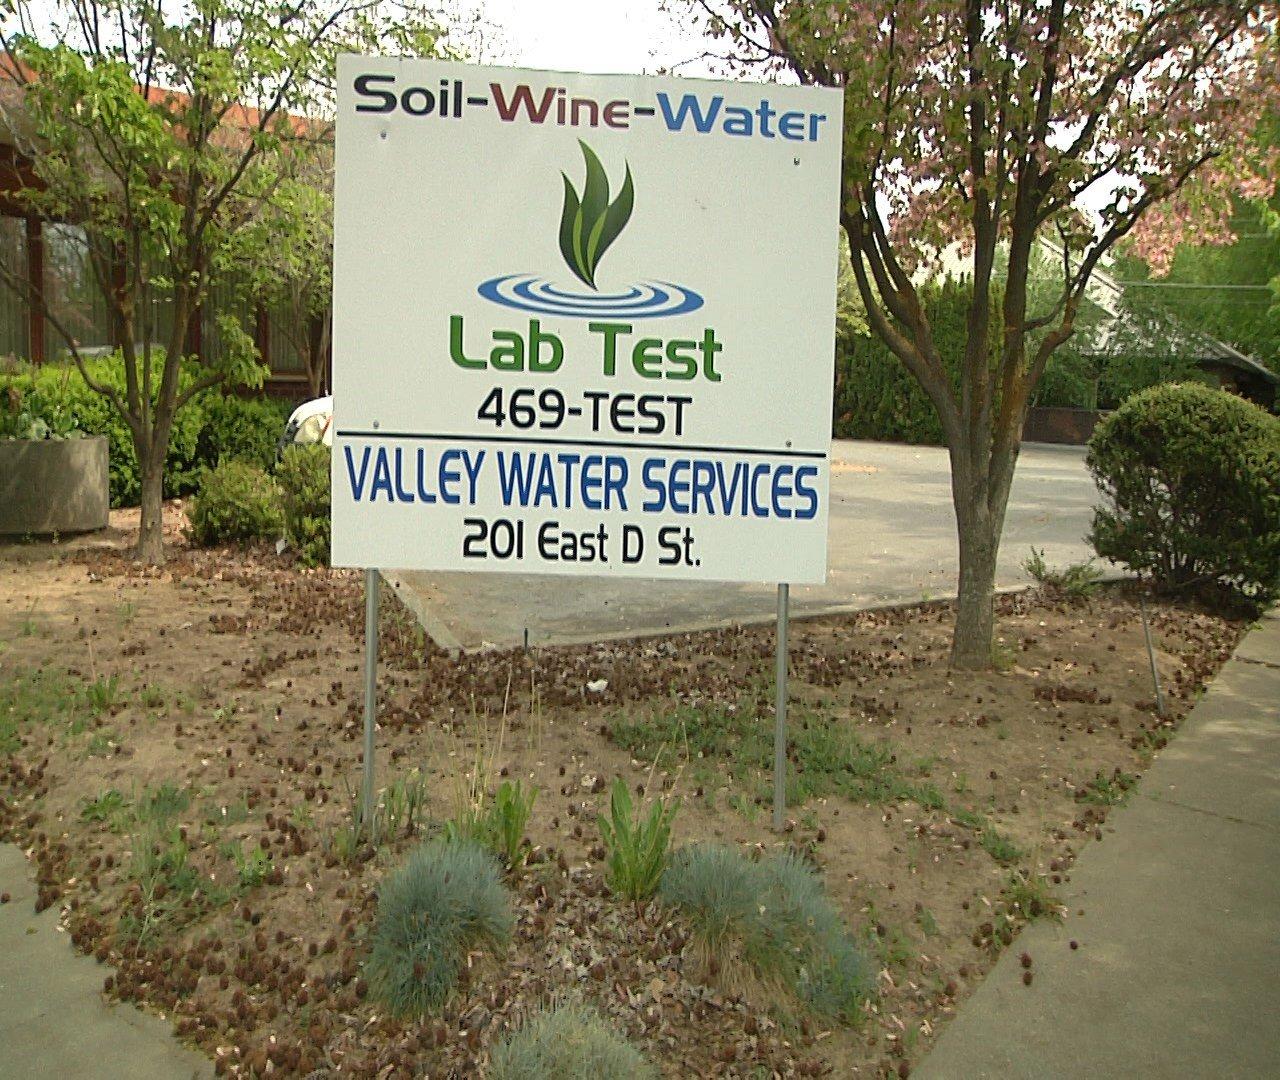 LabTest Business Sign